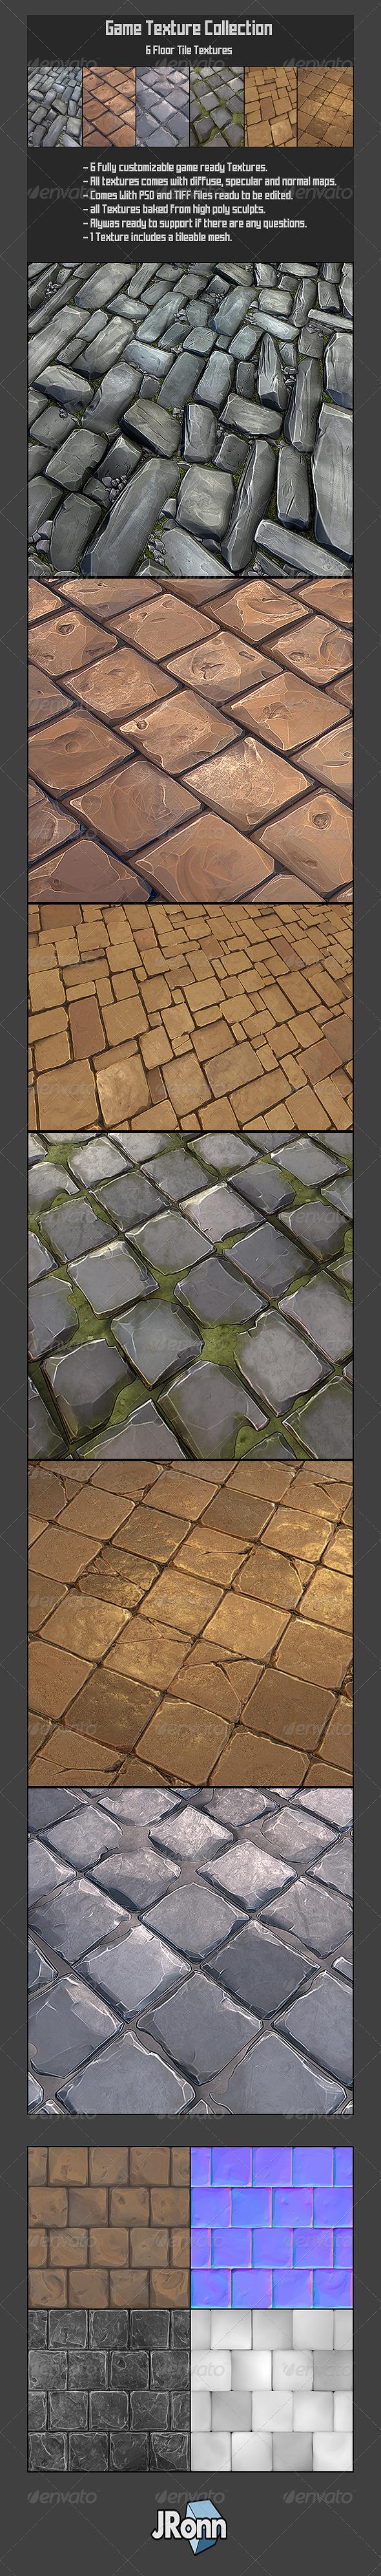 6 Rock Floor Textures01 - 3DOcean Item for Sale